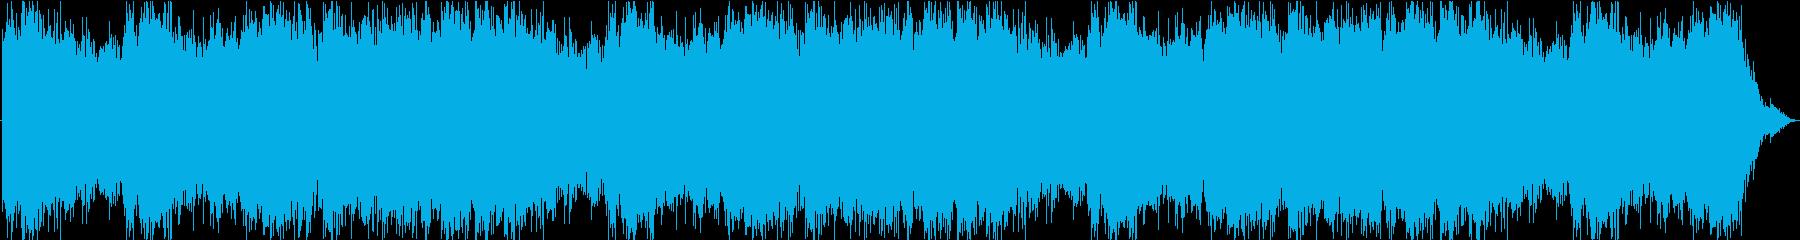 イメージ トーキングノイズ01の再生済みの波形